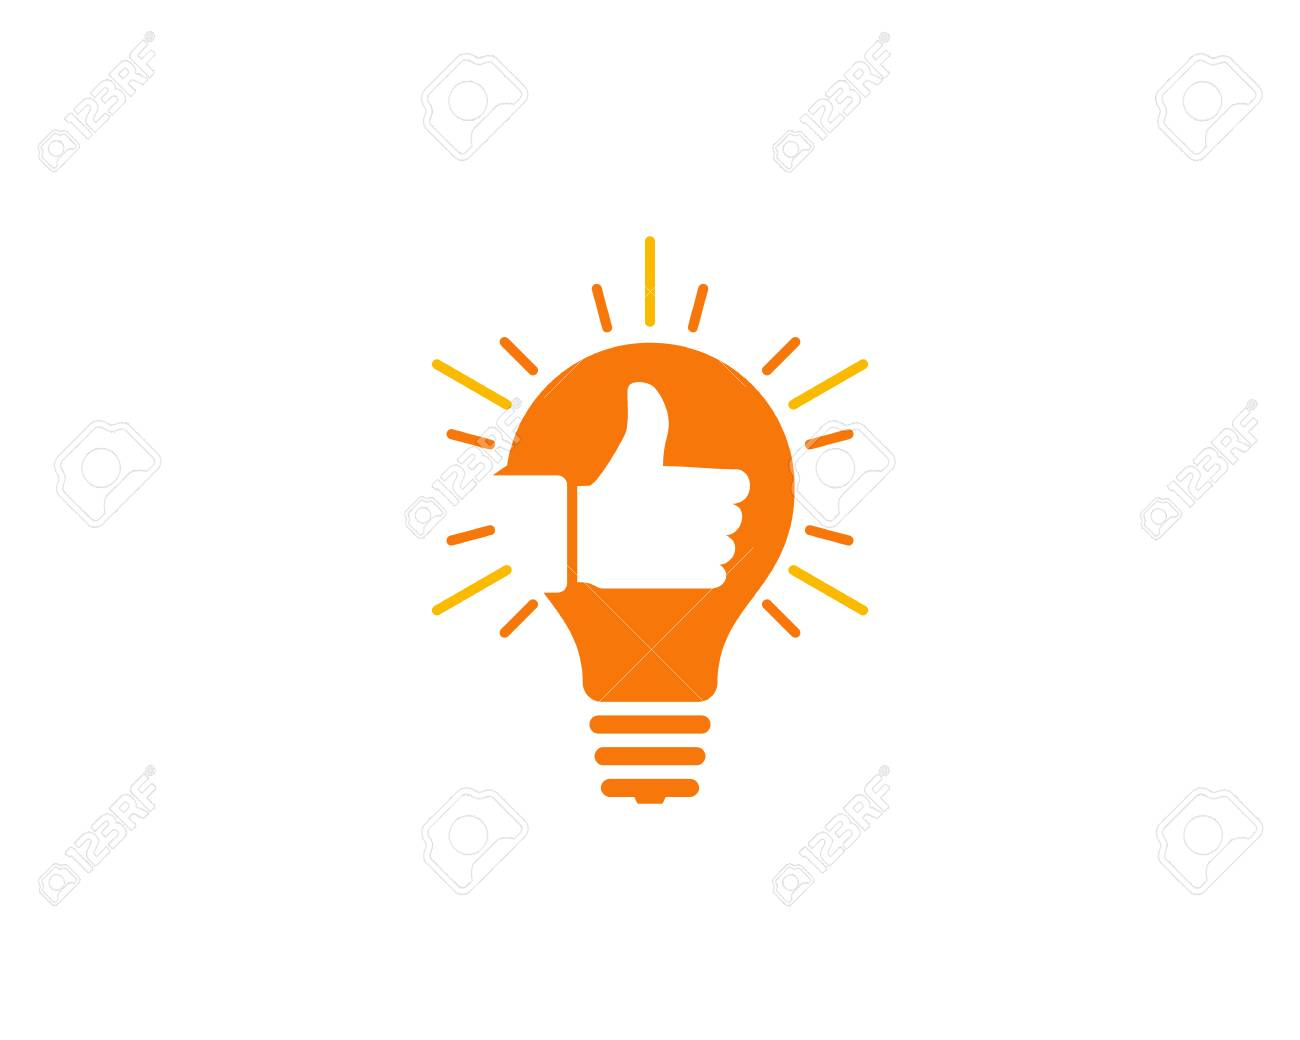 Speed in site design - Nos services géniaux signifientqu'une entreprise IT conception website, et création site web.